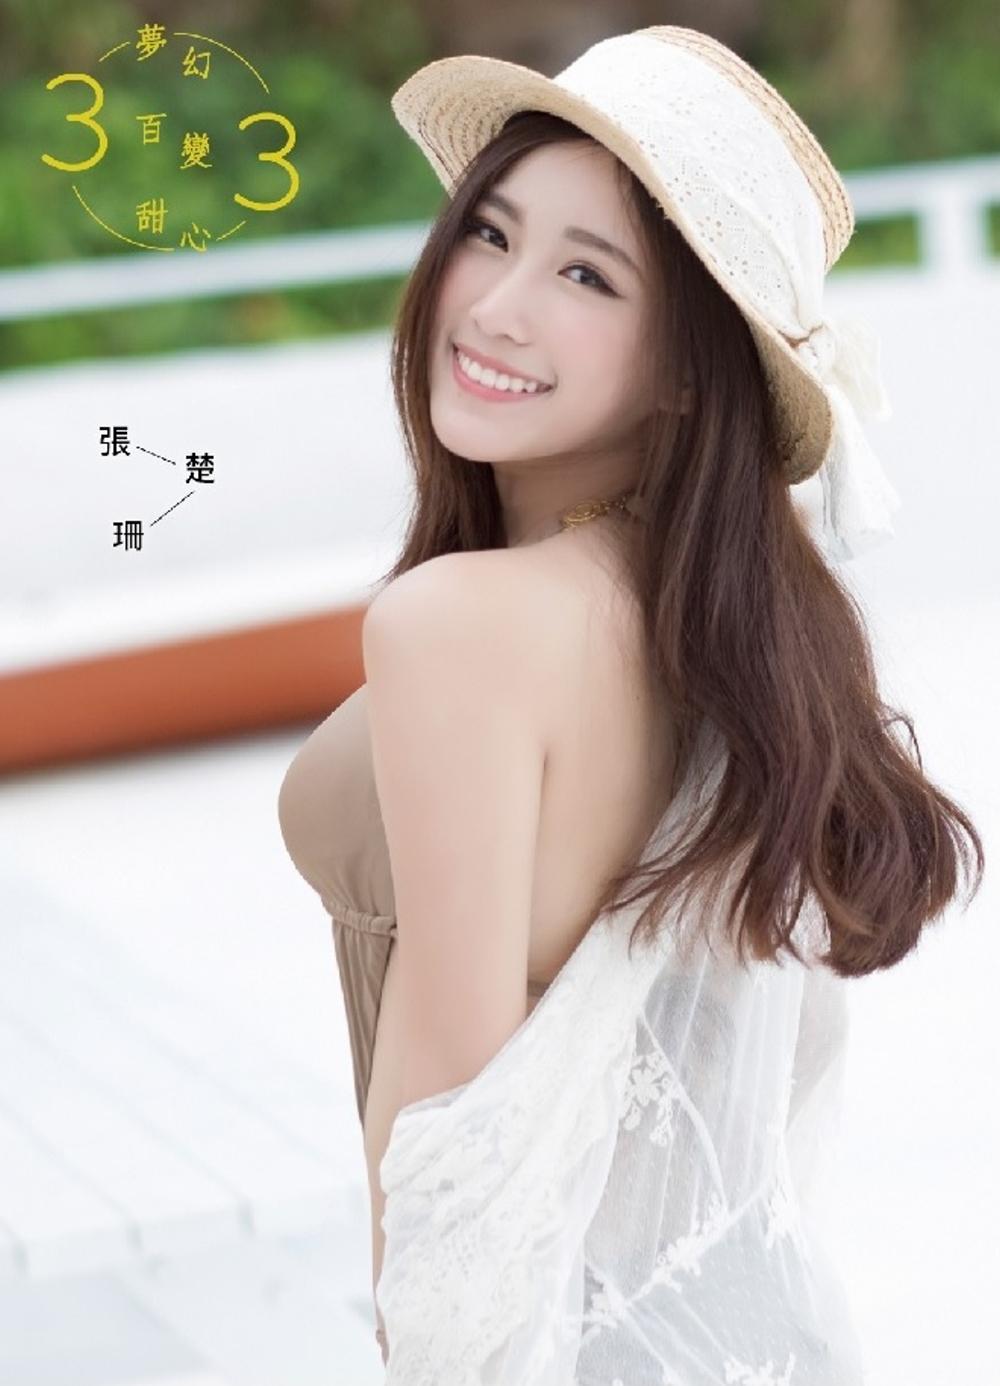 夢幻百變甜心:張楚珊(隨機附贈同名微熱甜心或蜜糖甜心海報1張)